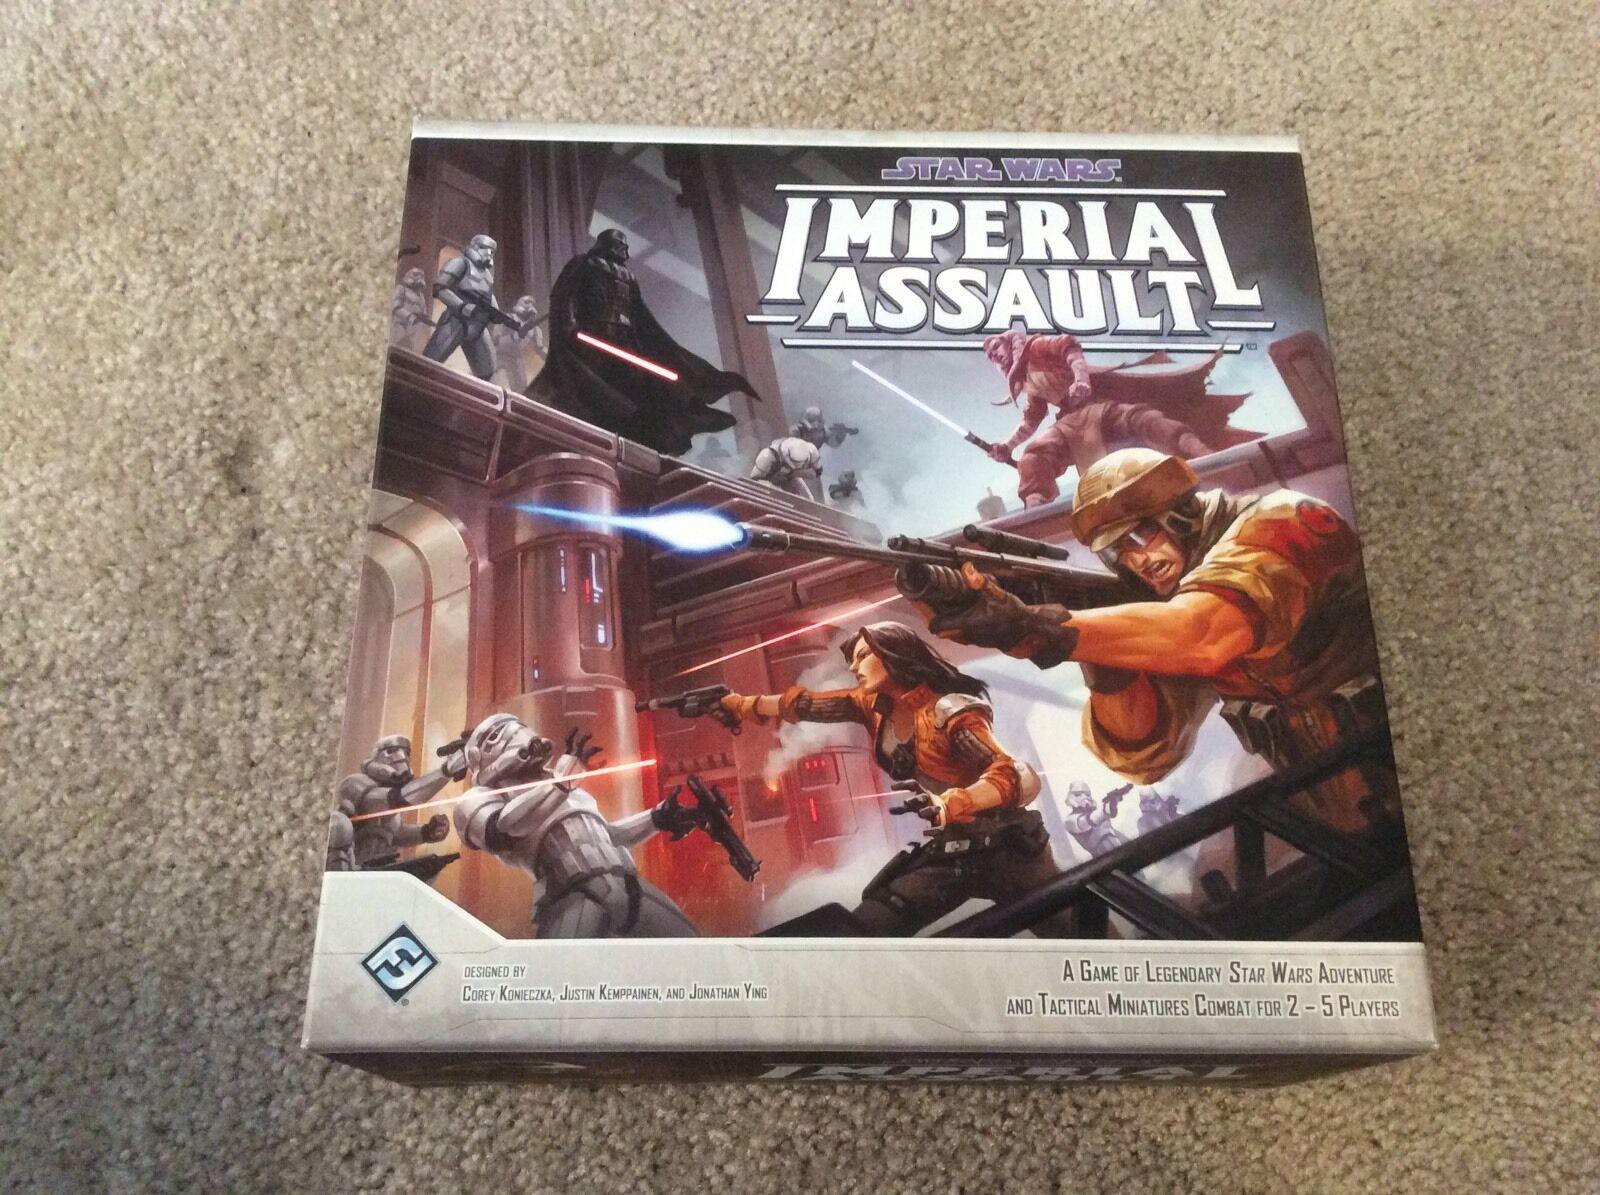 Star Wars Juego De Combate Miniatura De Asalto IMPERIAL Nuevo ENLOMADOR